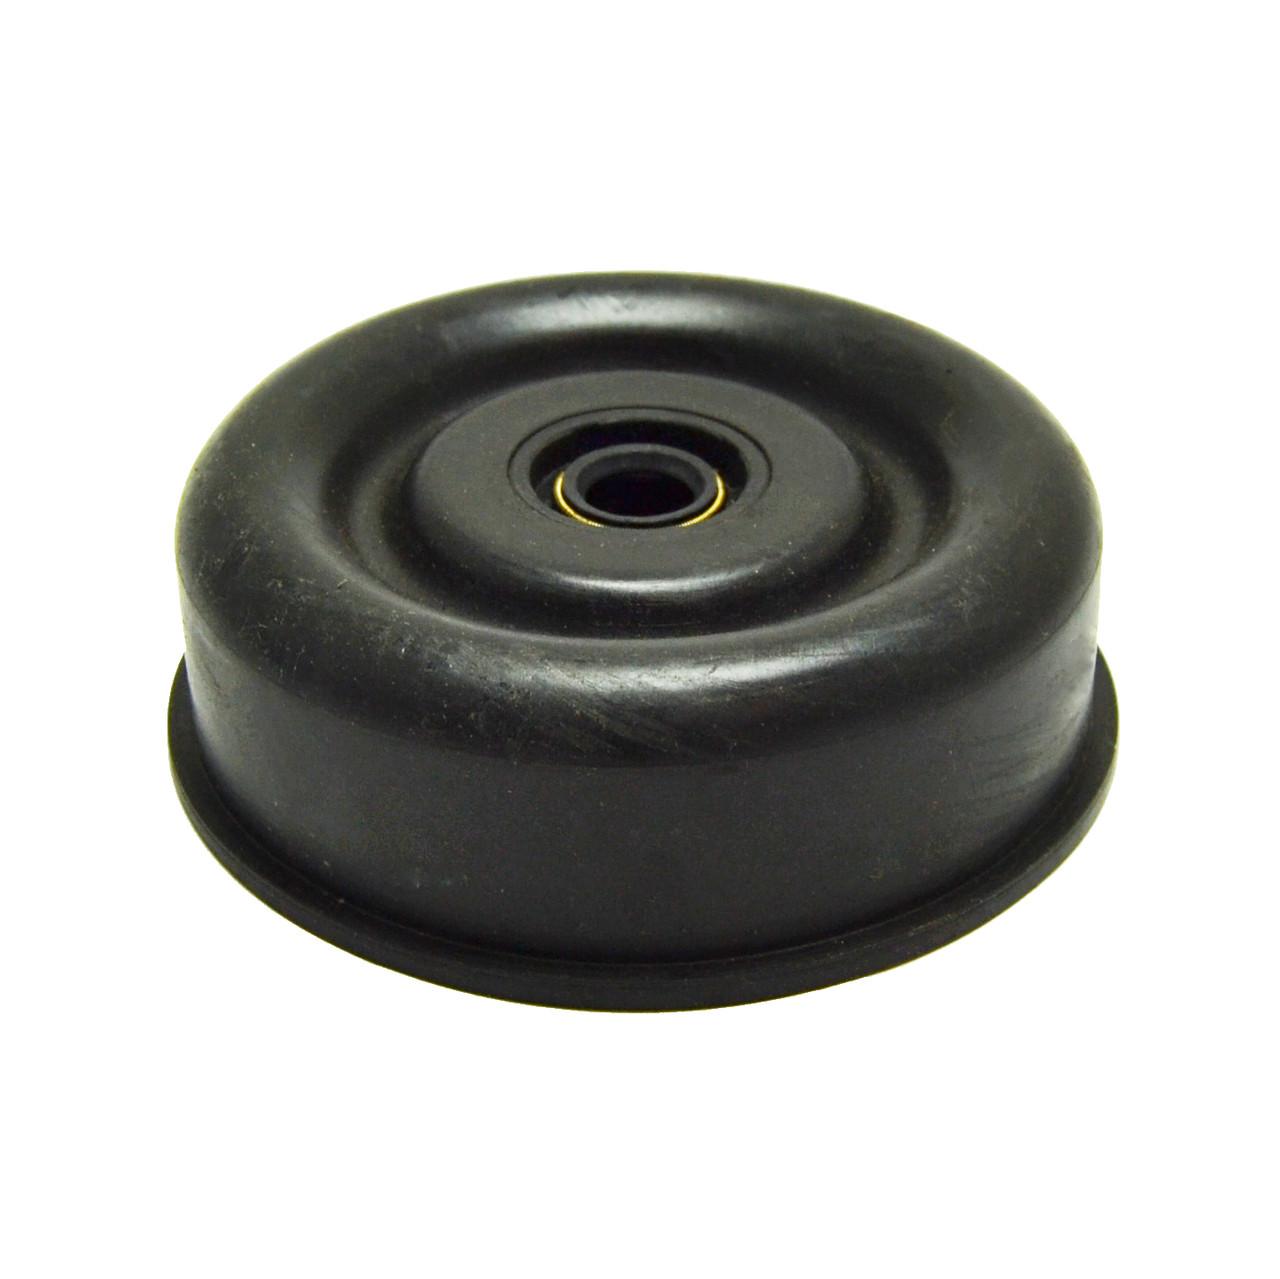 Сальник центрофуги для стиральной машины Чайка (малая)